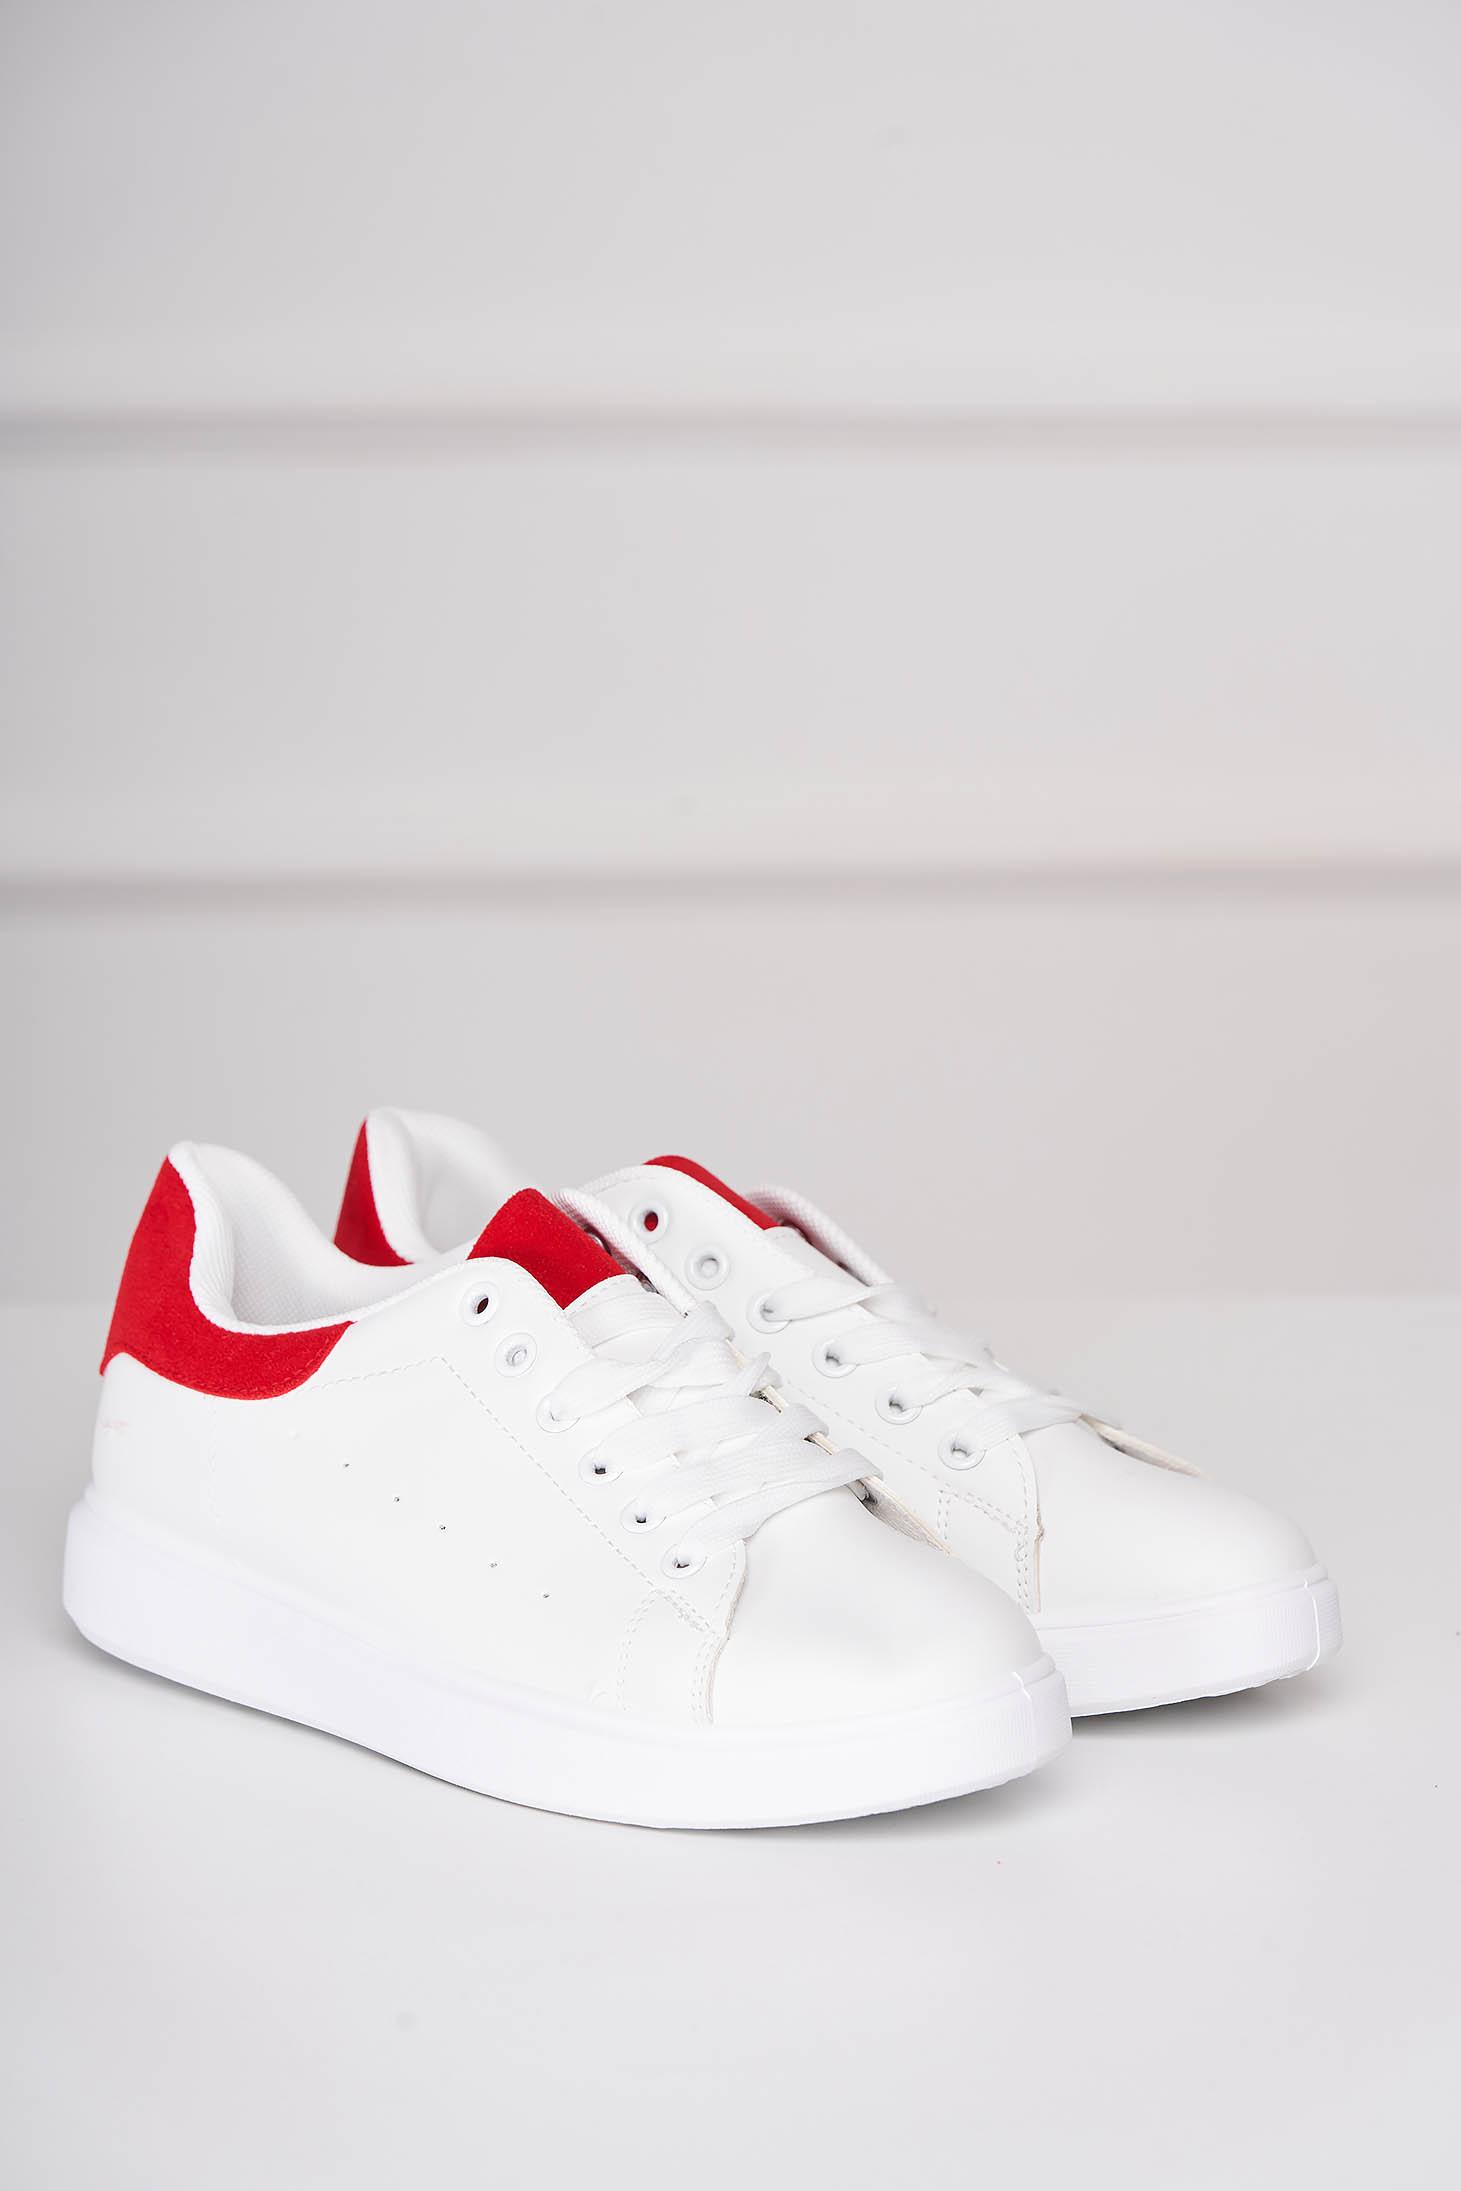 Pantofi sport albi casual cu siret din piele ecologica cu detaliu rosu